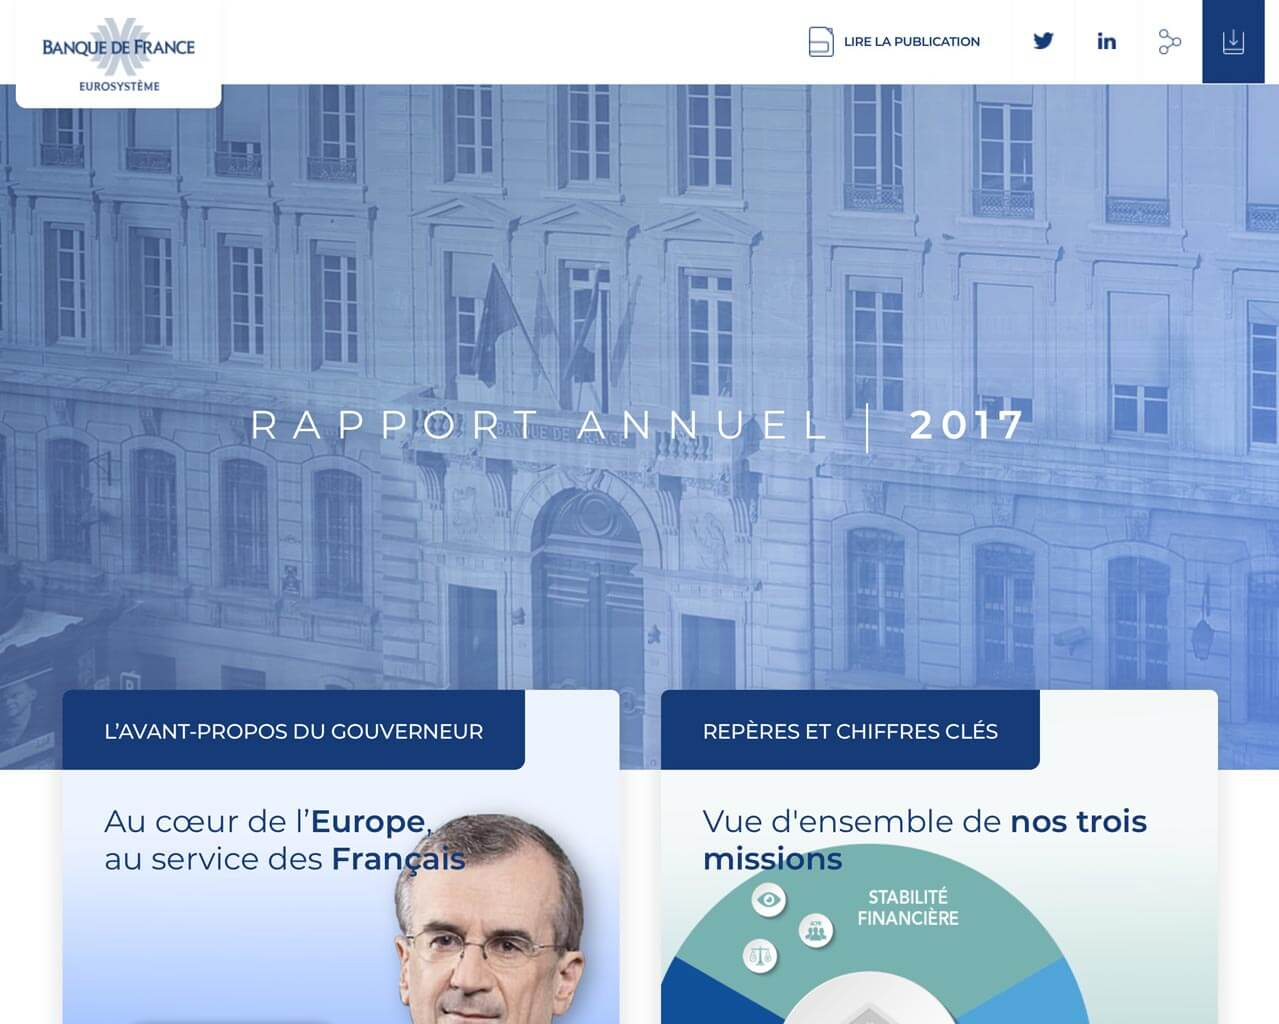 Banque de France / voir